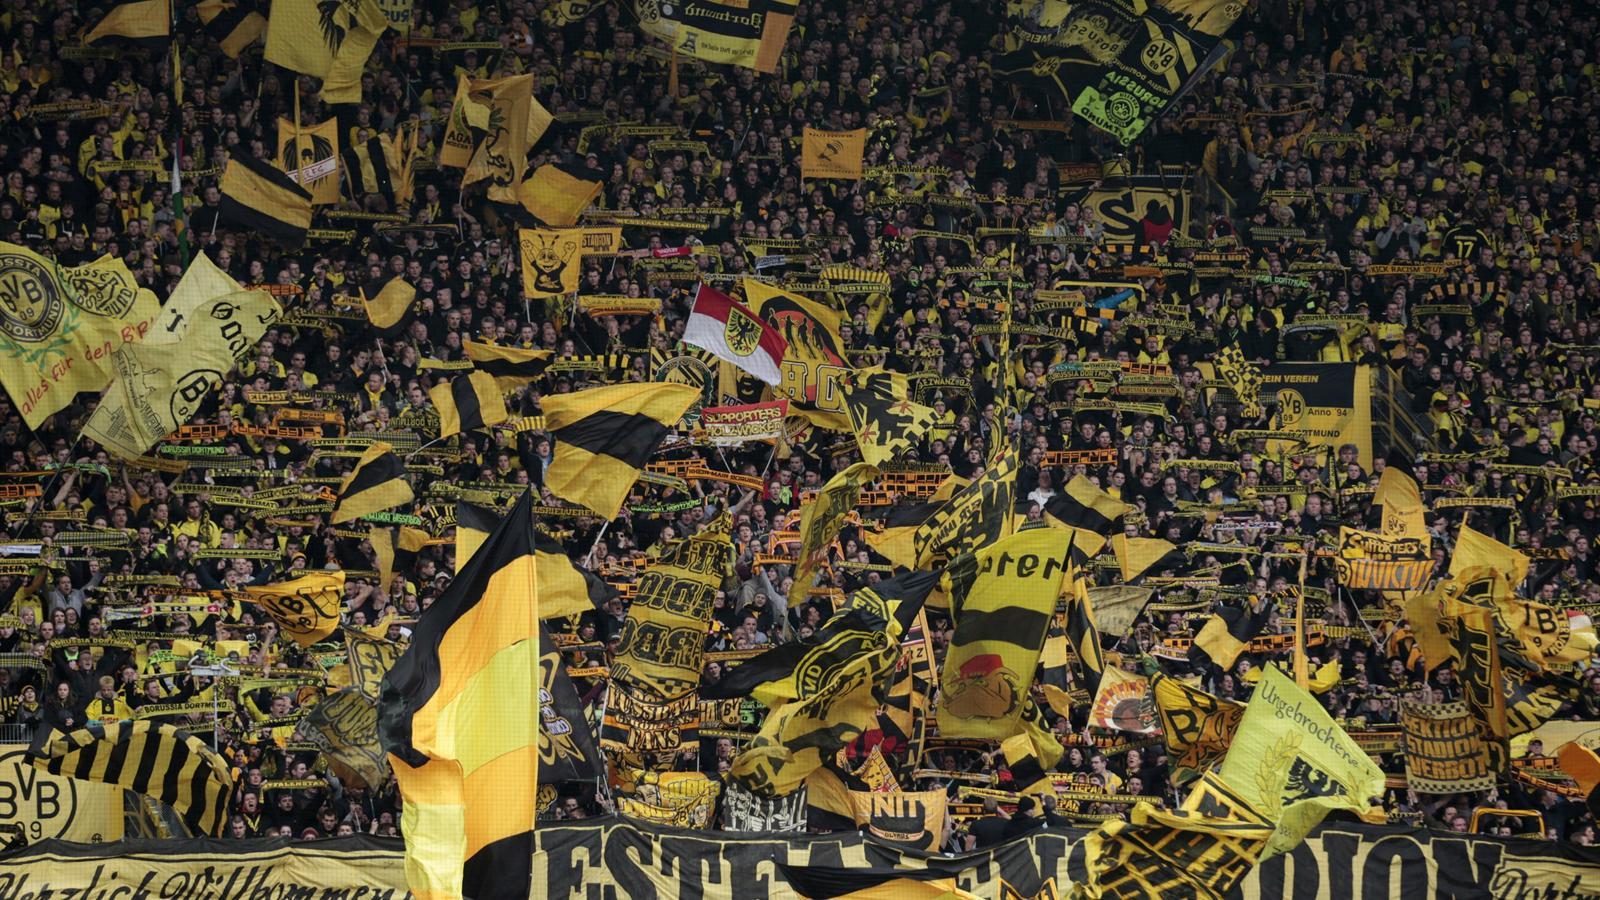 Dortmund Fans 'moaning' Fans Dampen Dortmund